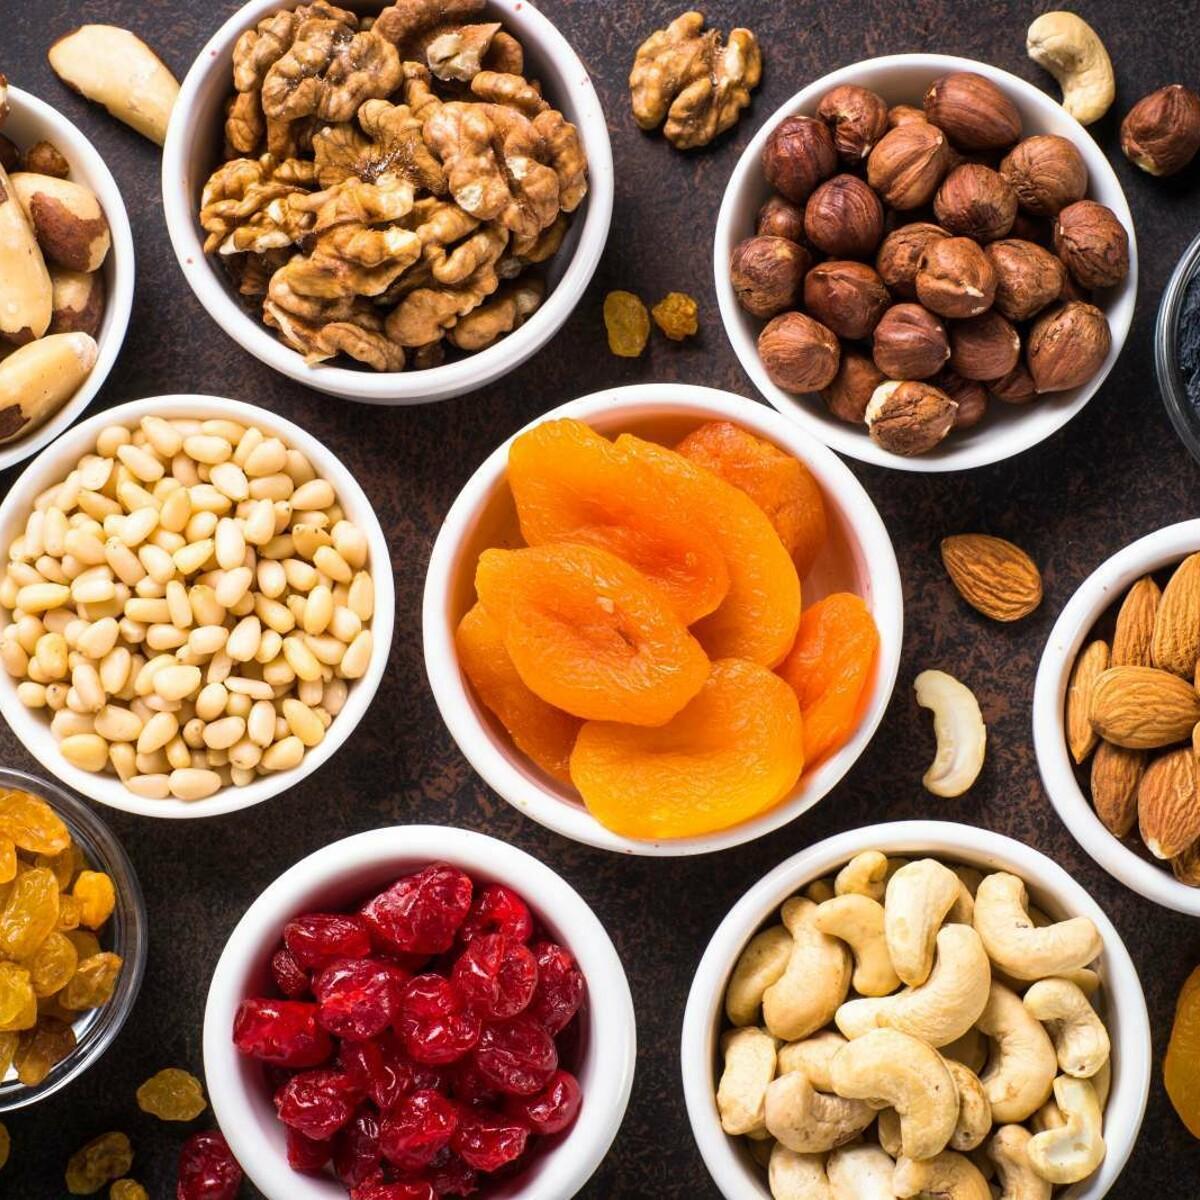 La frutta secca è un toccasana per la salute, va mangiata tutti i giorni (ma non troppa)